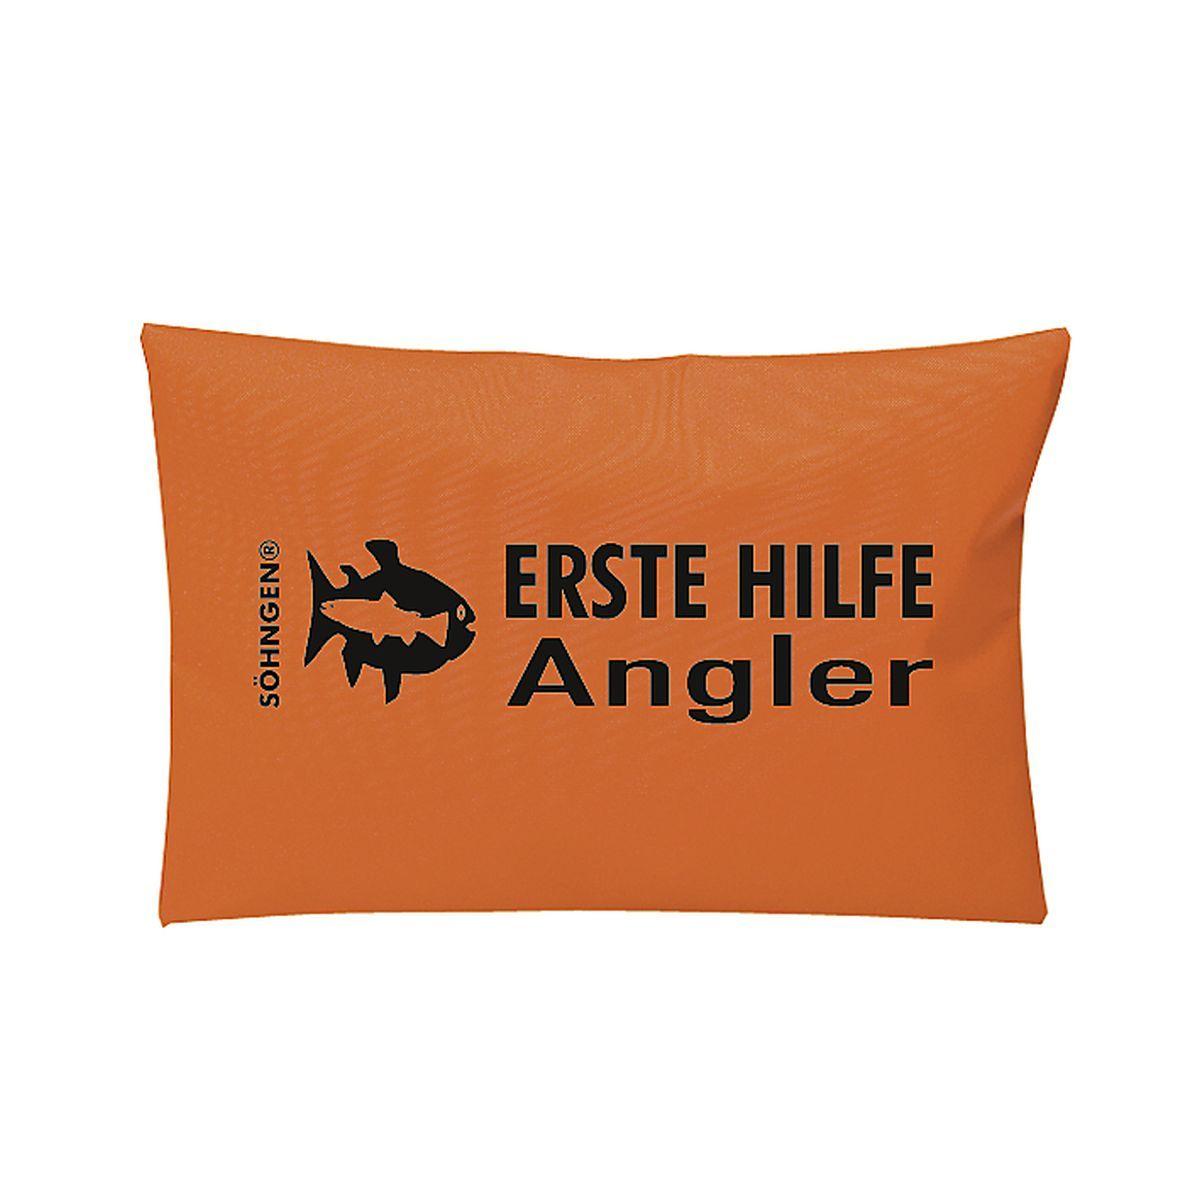 Erste Hilfe Angler orange